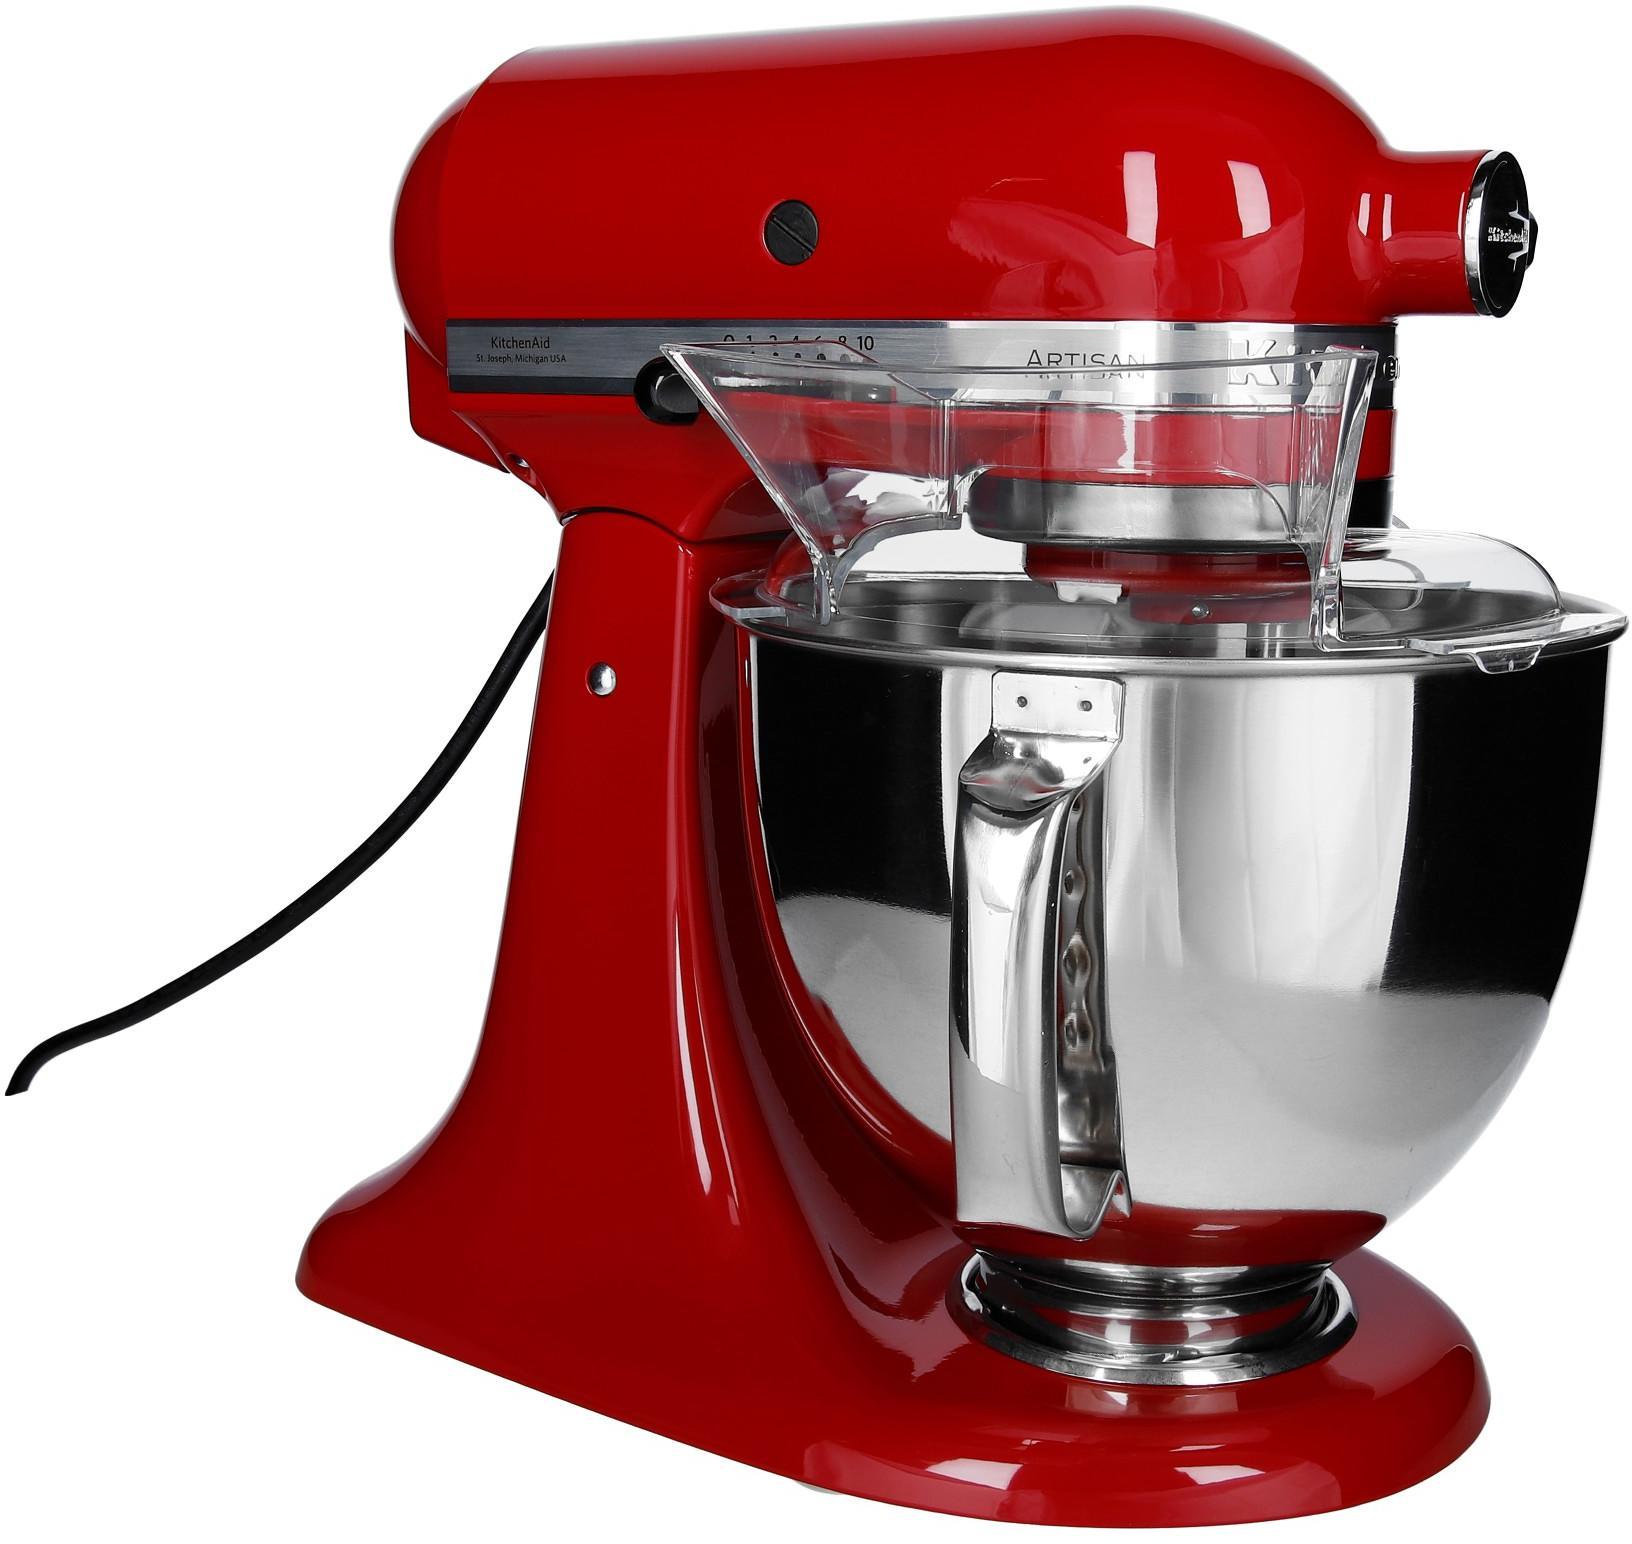 Kitchenaid 5ksm175pseer Artisan Küchenmaschine 300 W